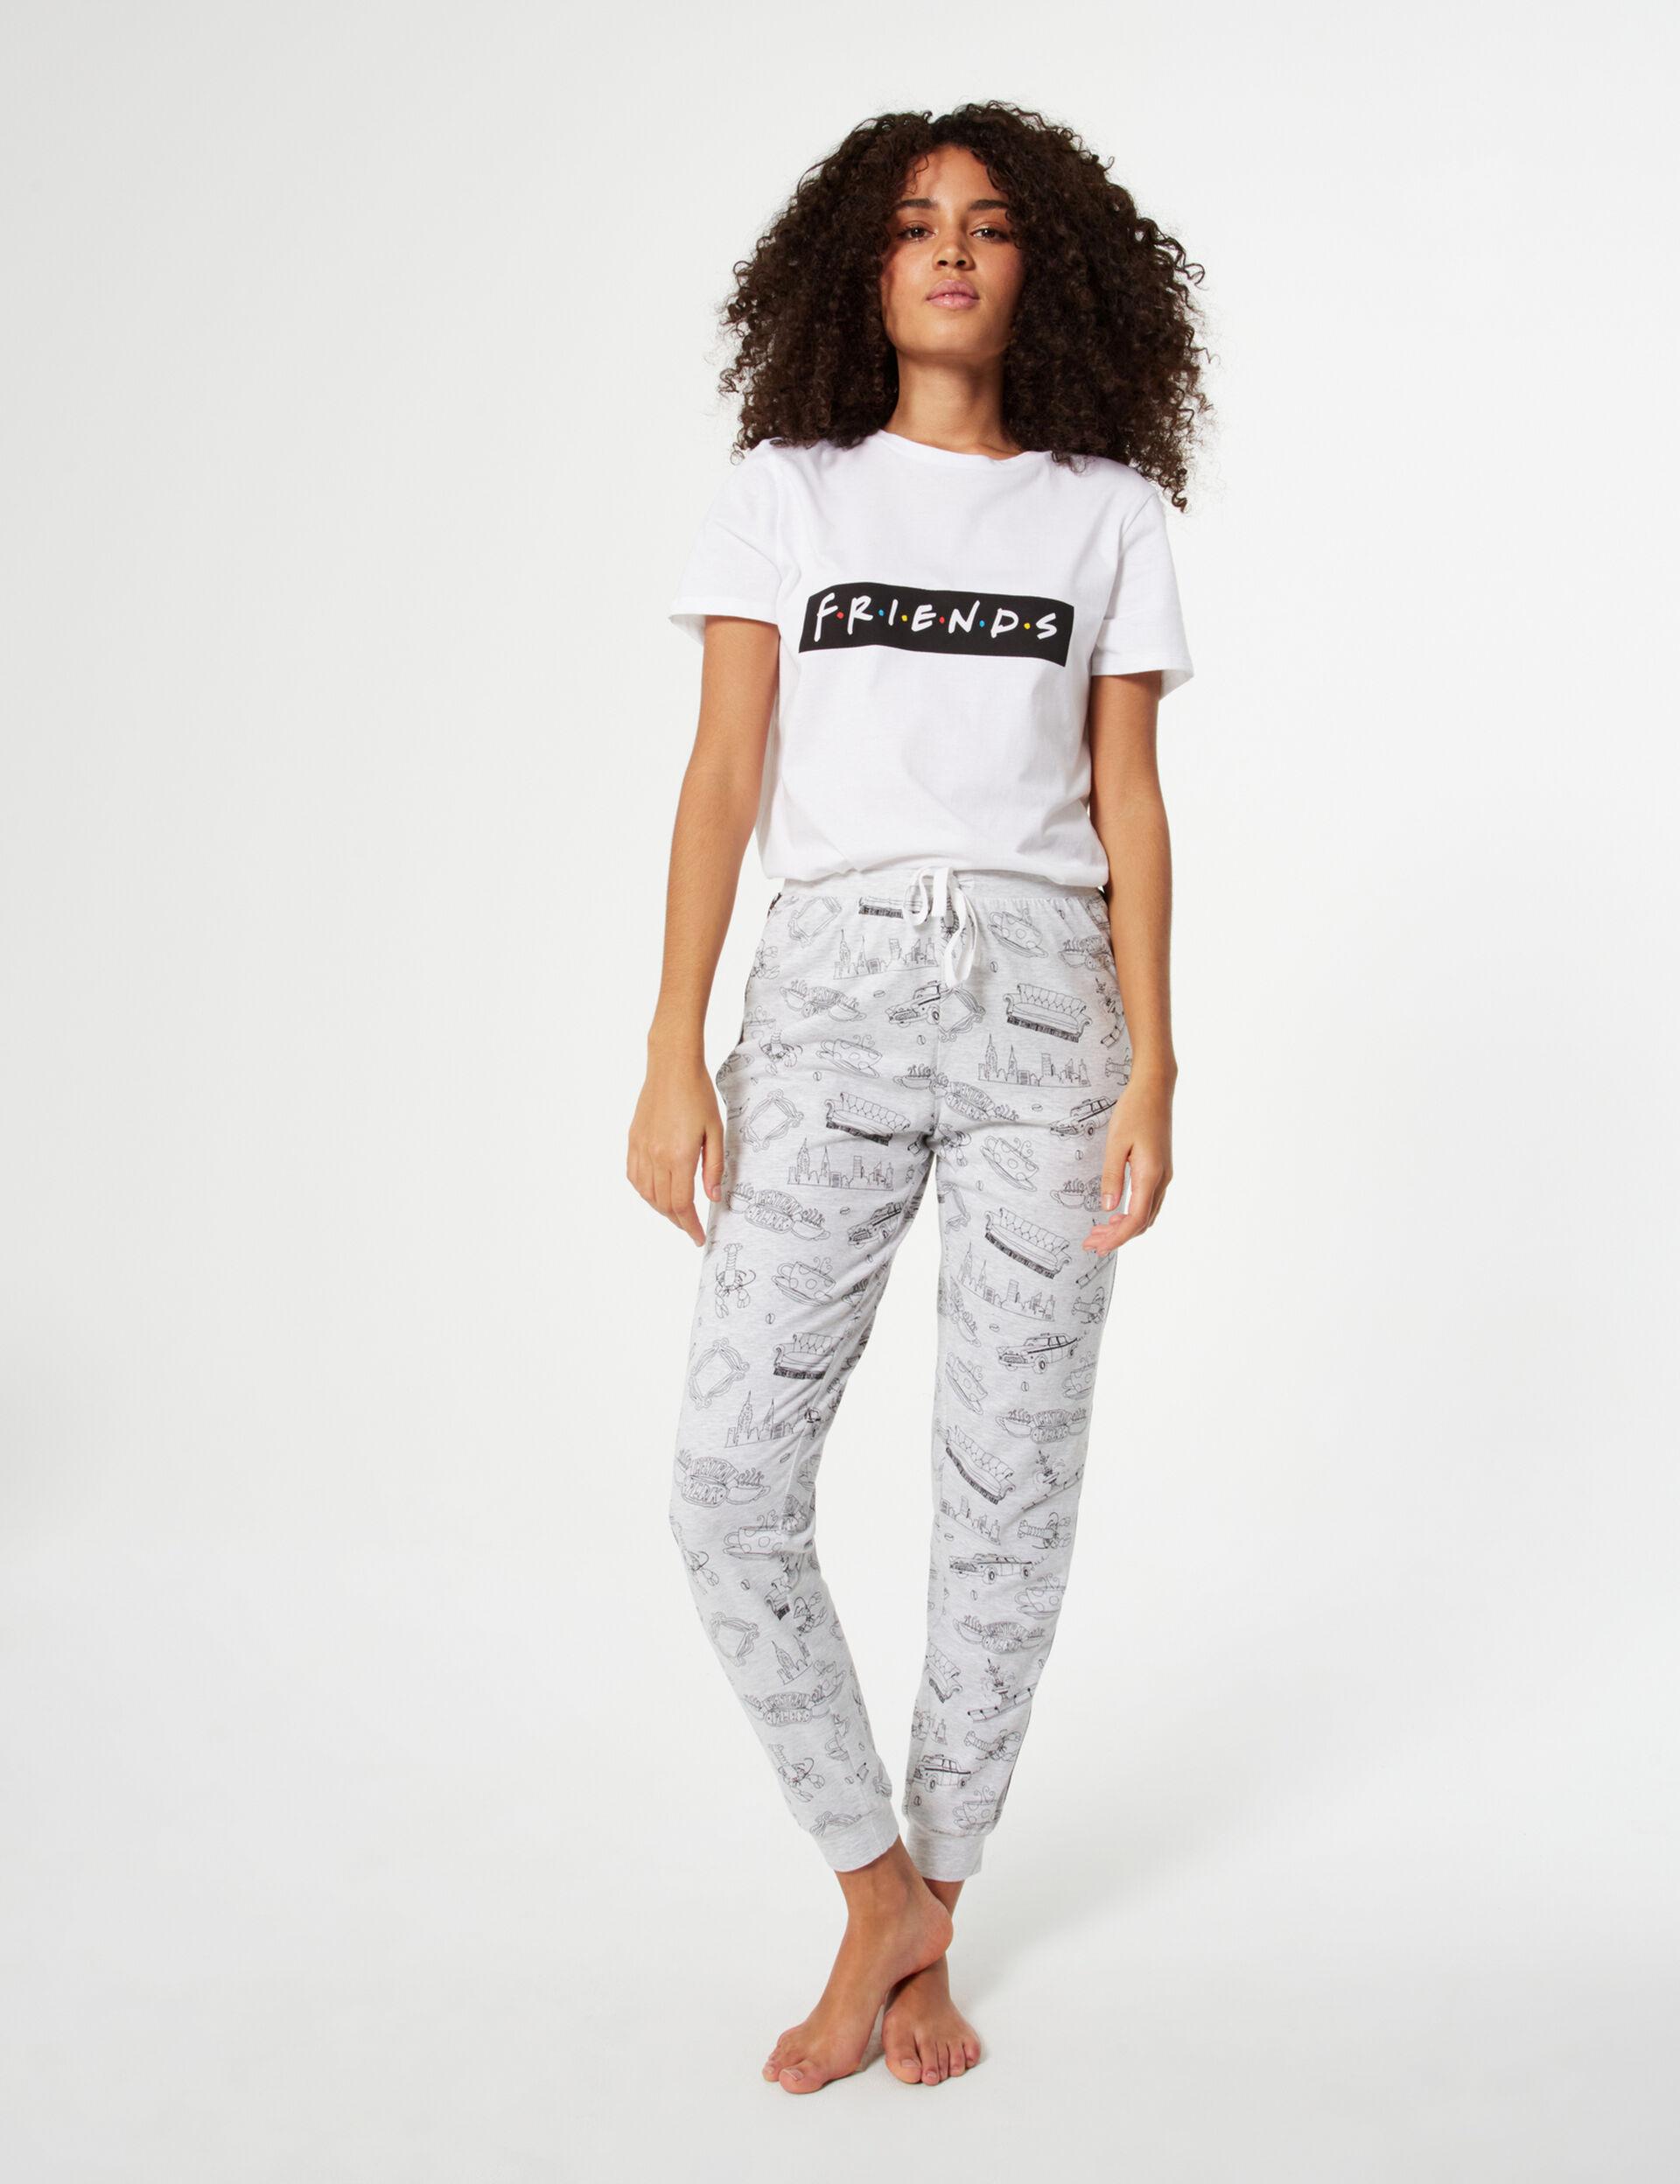 F.R.I.E.N.D.S. pyjama set